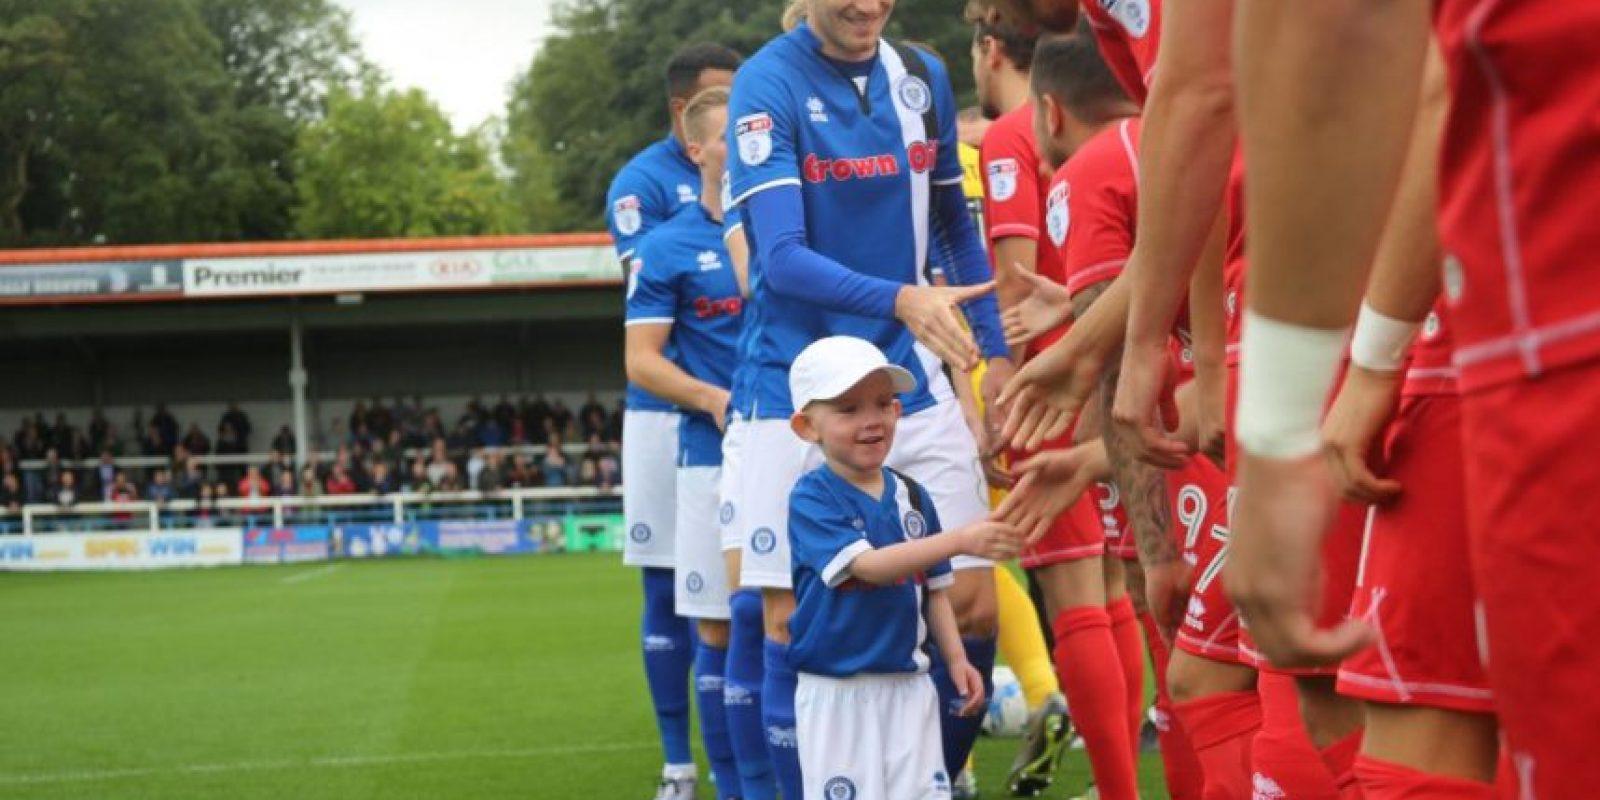 Joshua McCormack es un pequeño niño de cinco años que fue incluido como suplente en Rochdale Foto:Twitter Rochdale